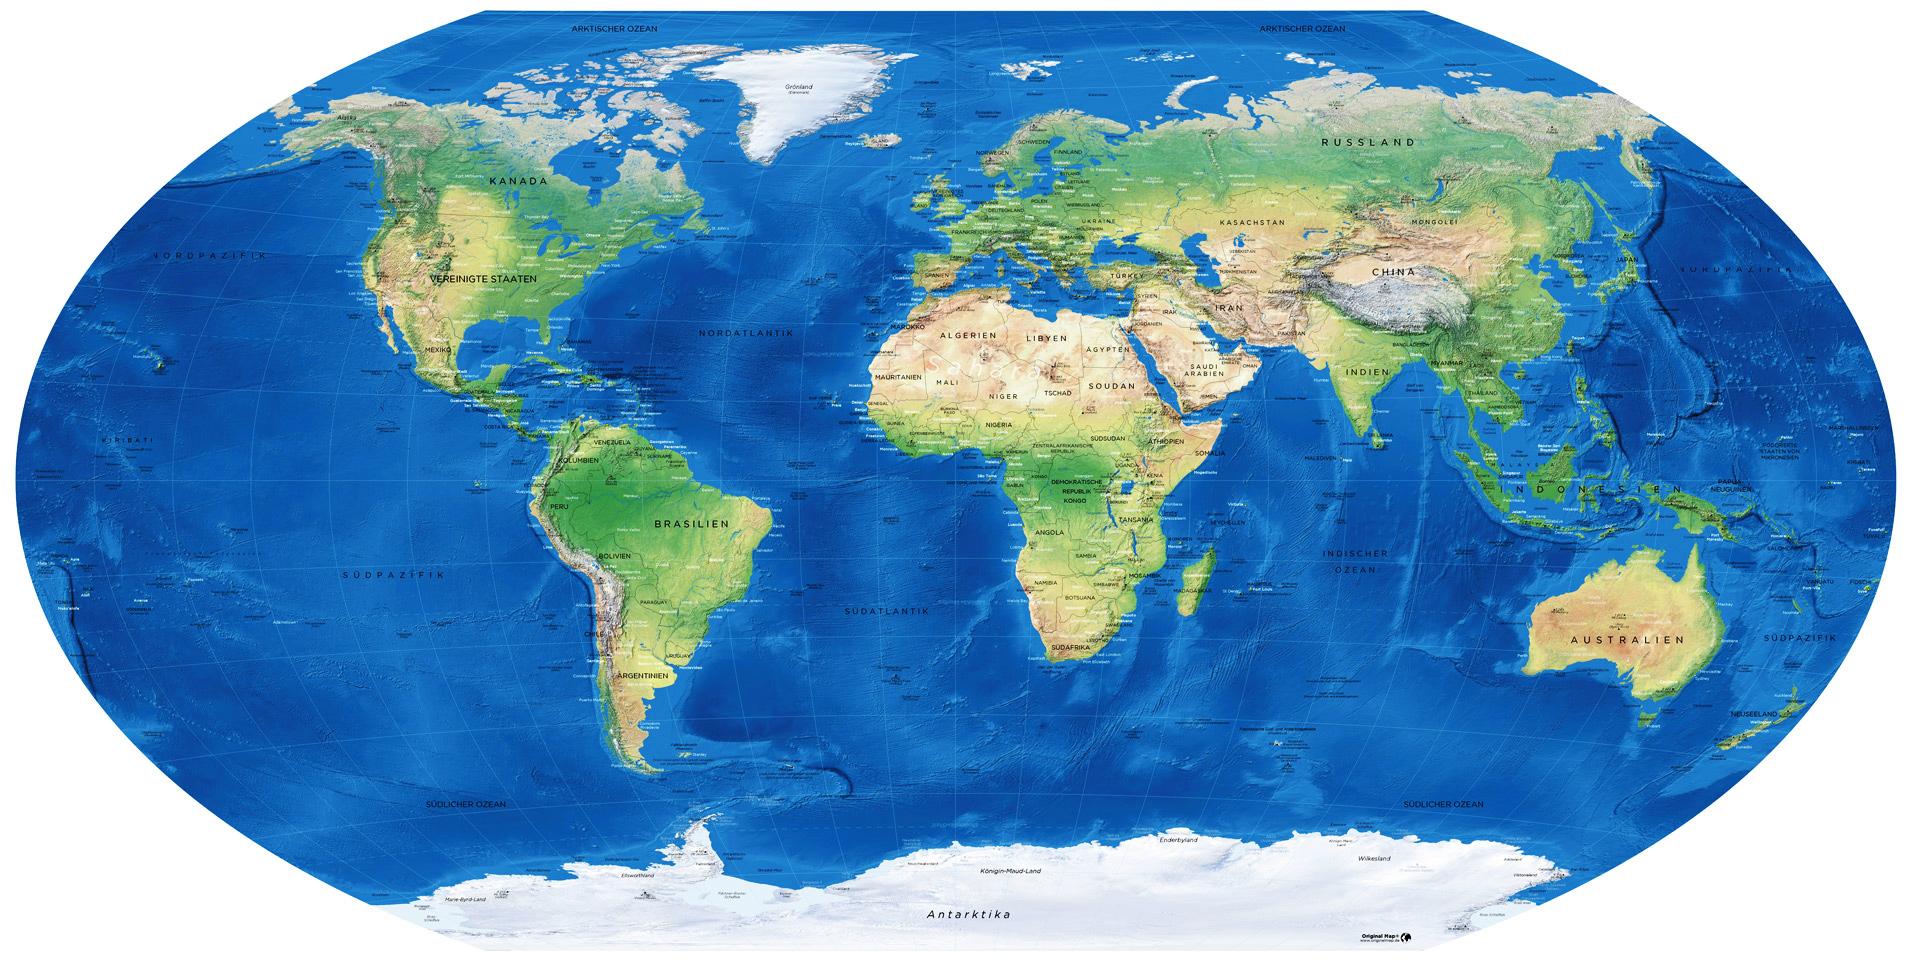 Weltkarte Winkel Tripel Projektion Mappa Mundi Winkel Tripel